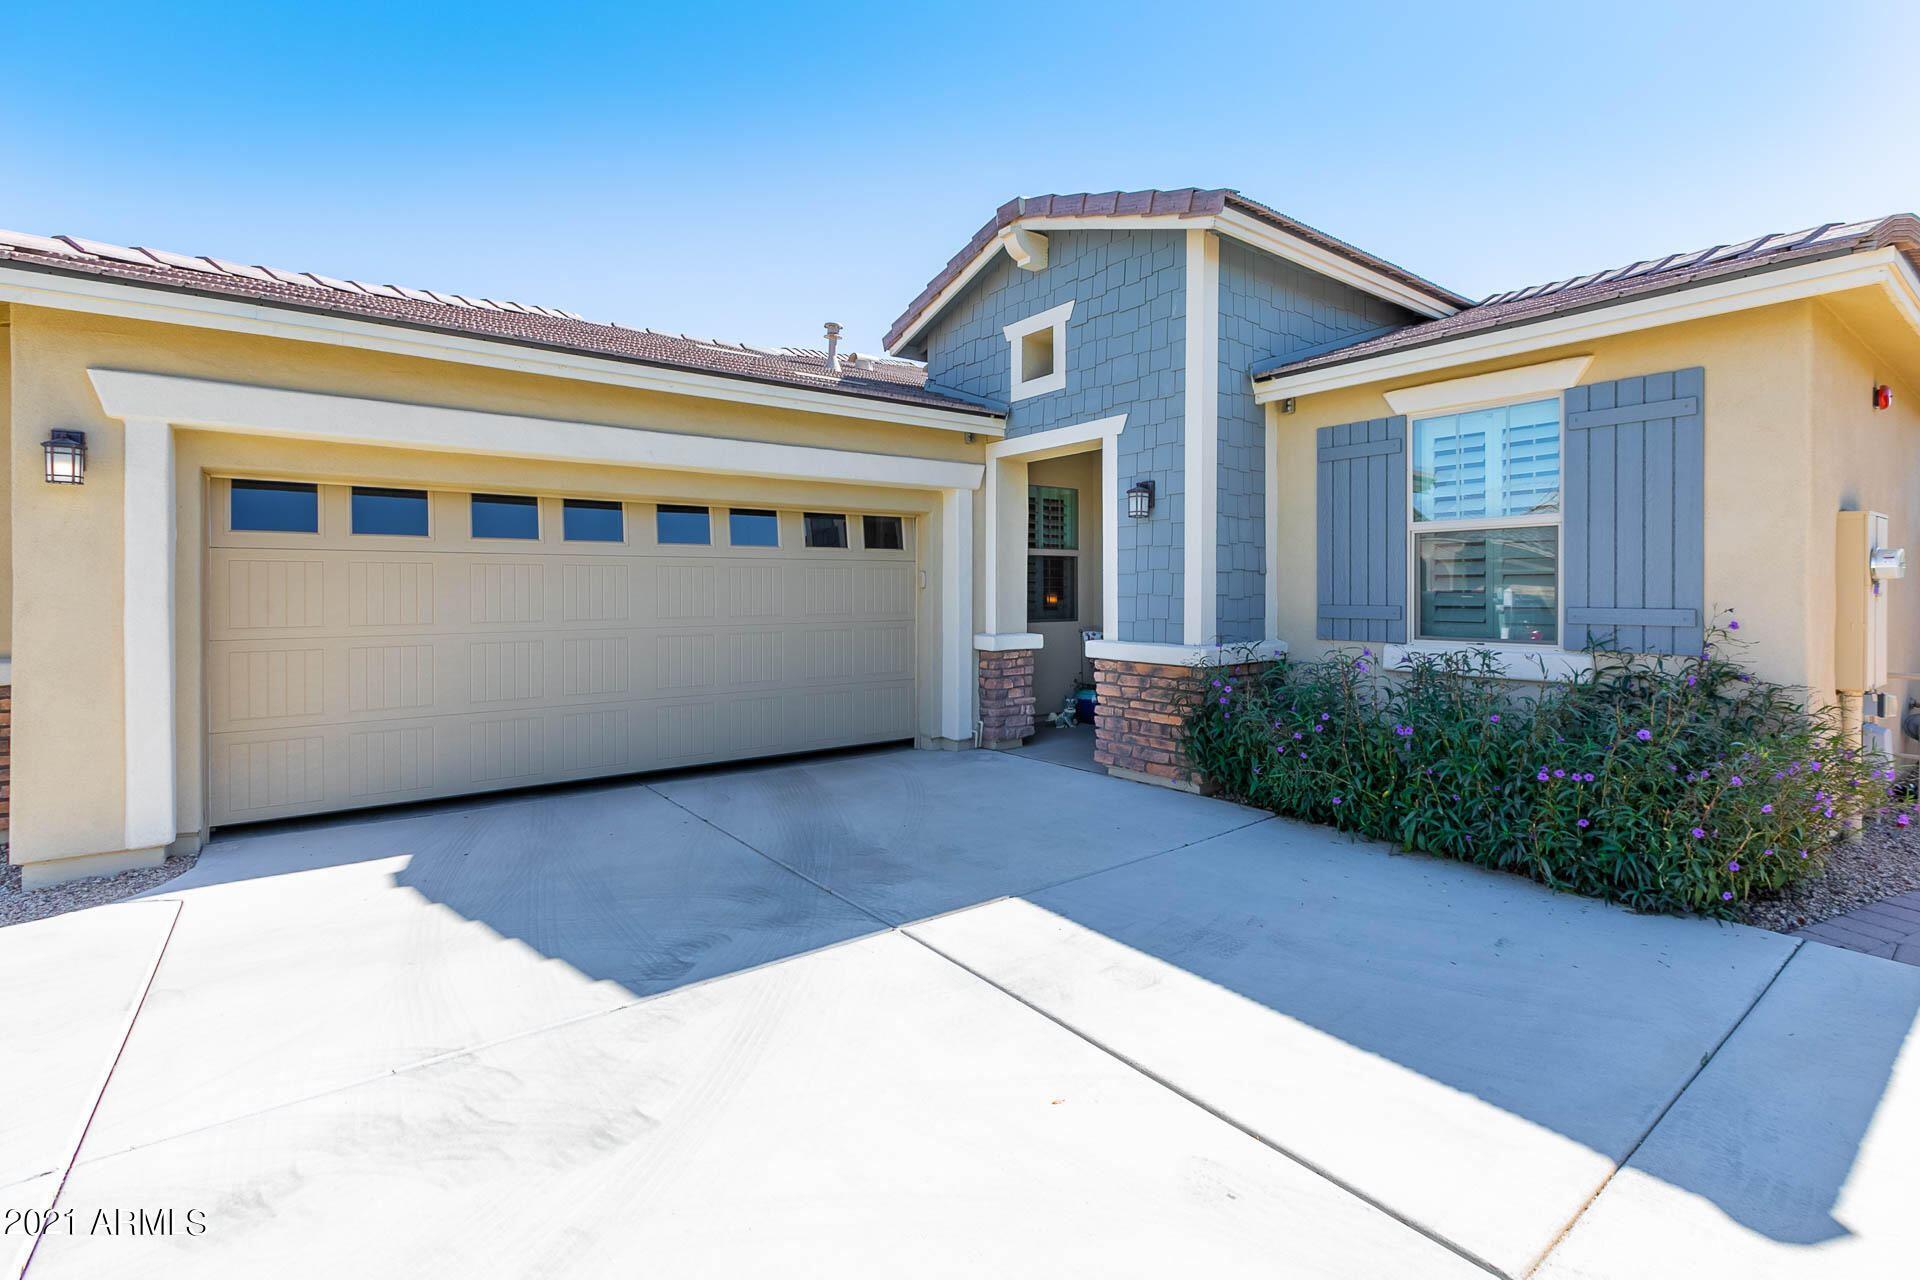 Photo of 14575 W Pasadena Avenue, Litchfield Park, AZ 85340 (MLS # 6308495)